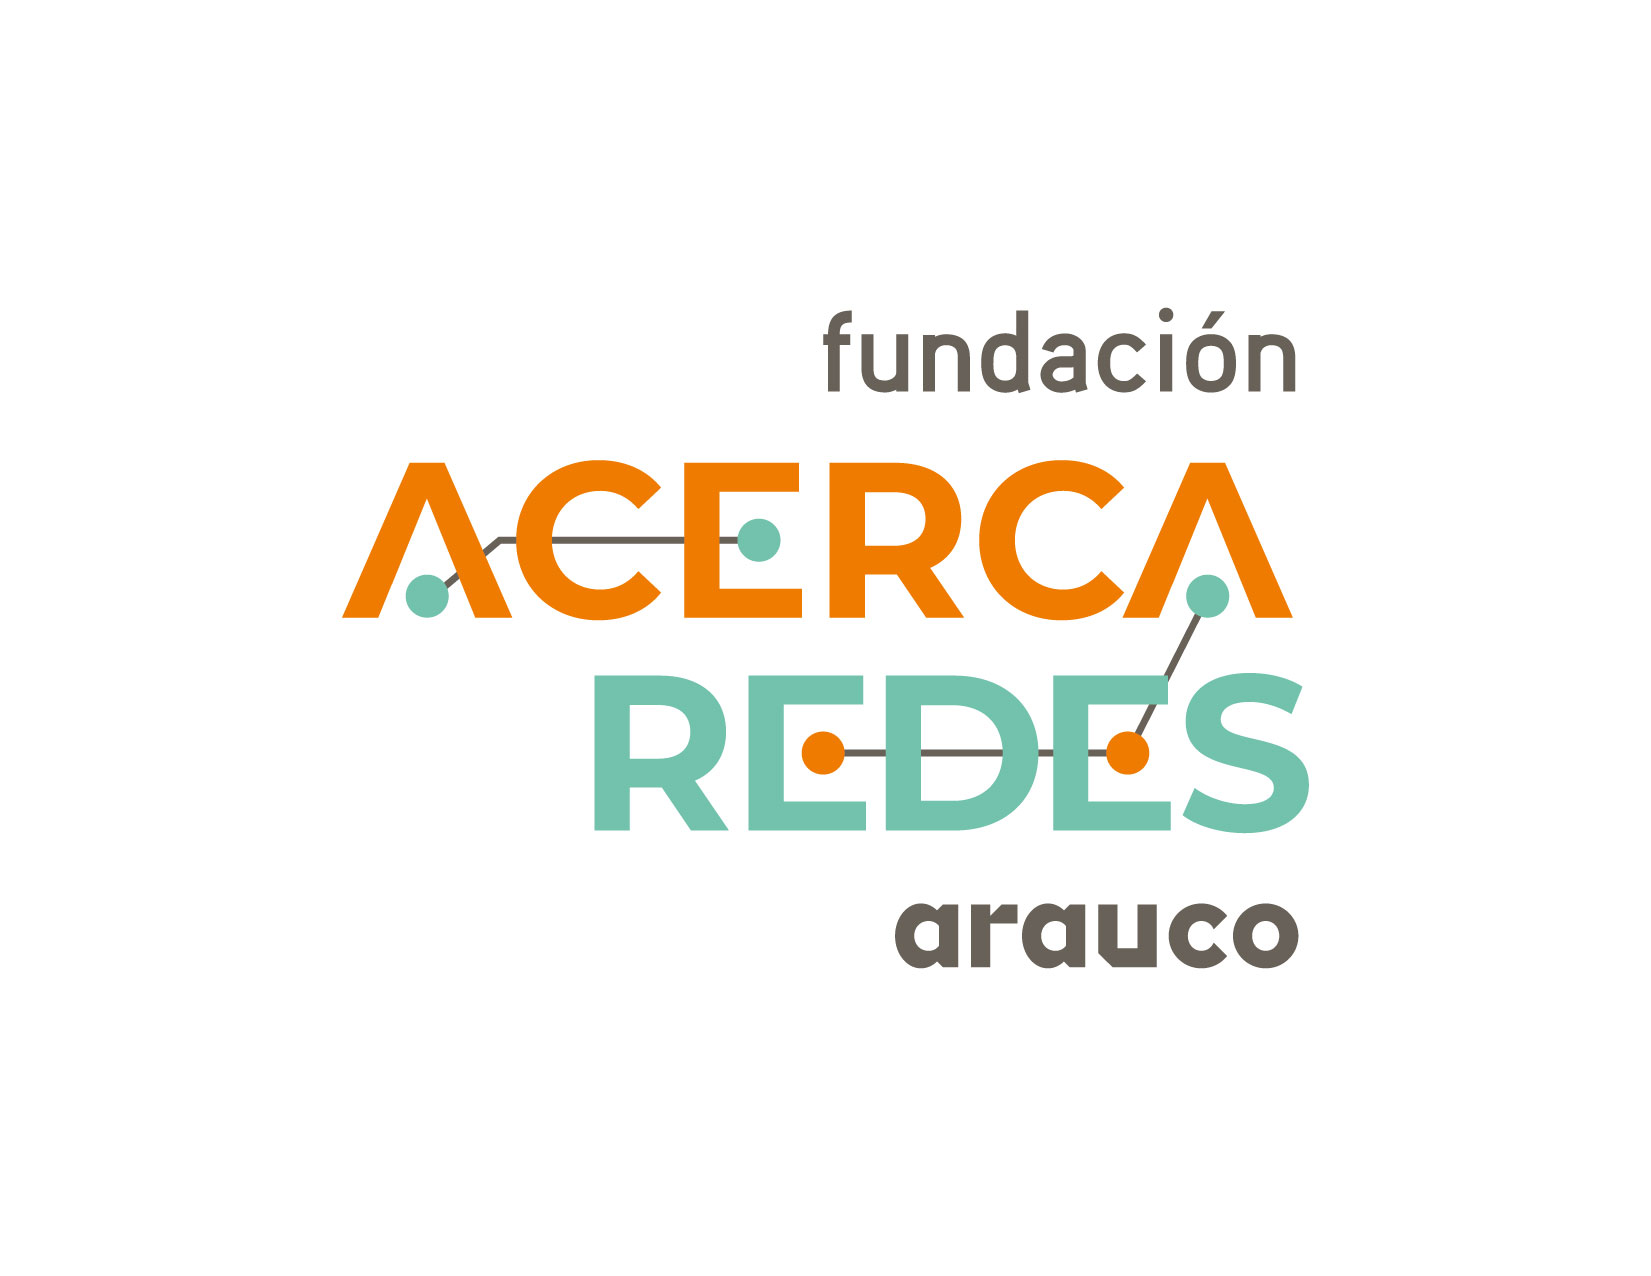 Fundación AcercaRedes renueva su identidad y refuerza compromiso con los emprendedores